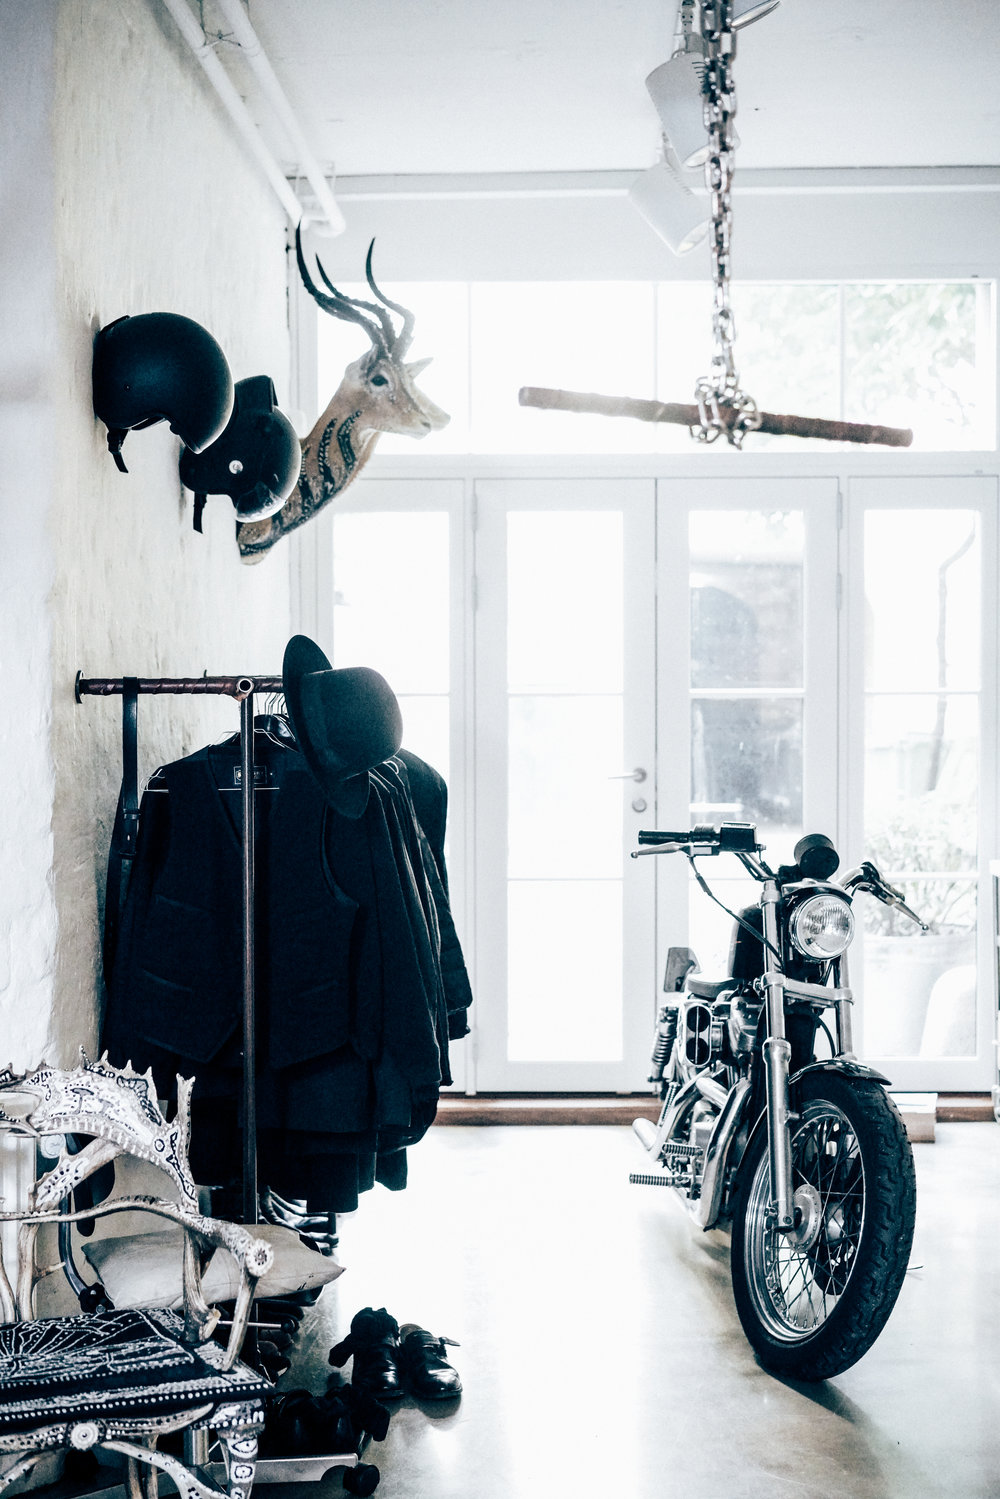 Morten Angelo's motorcycle